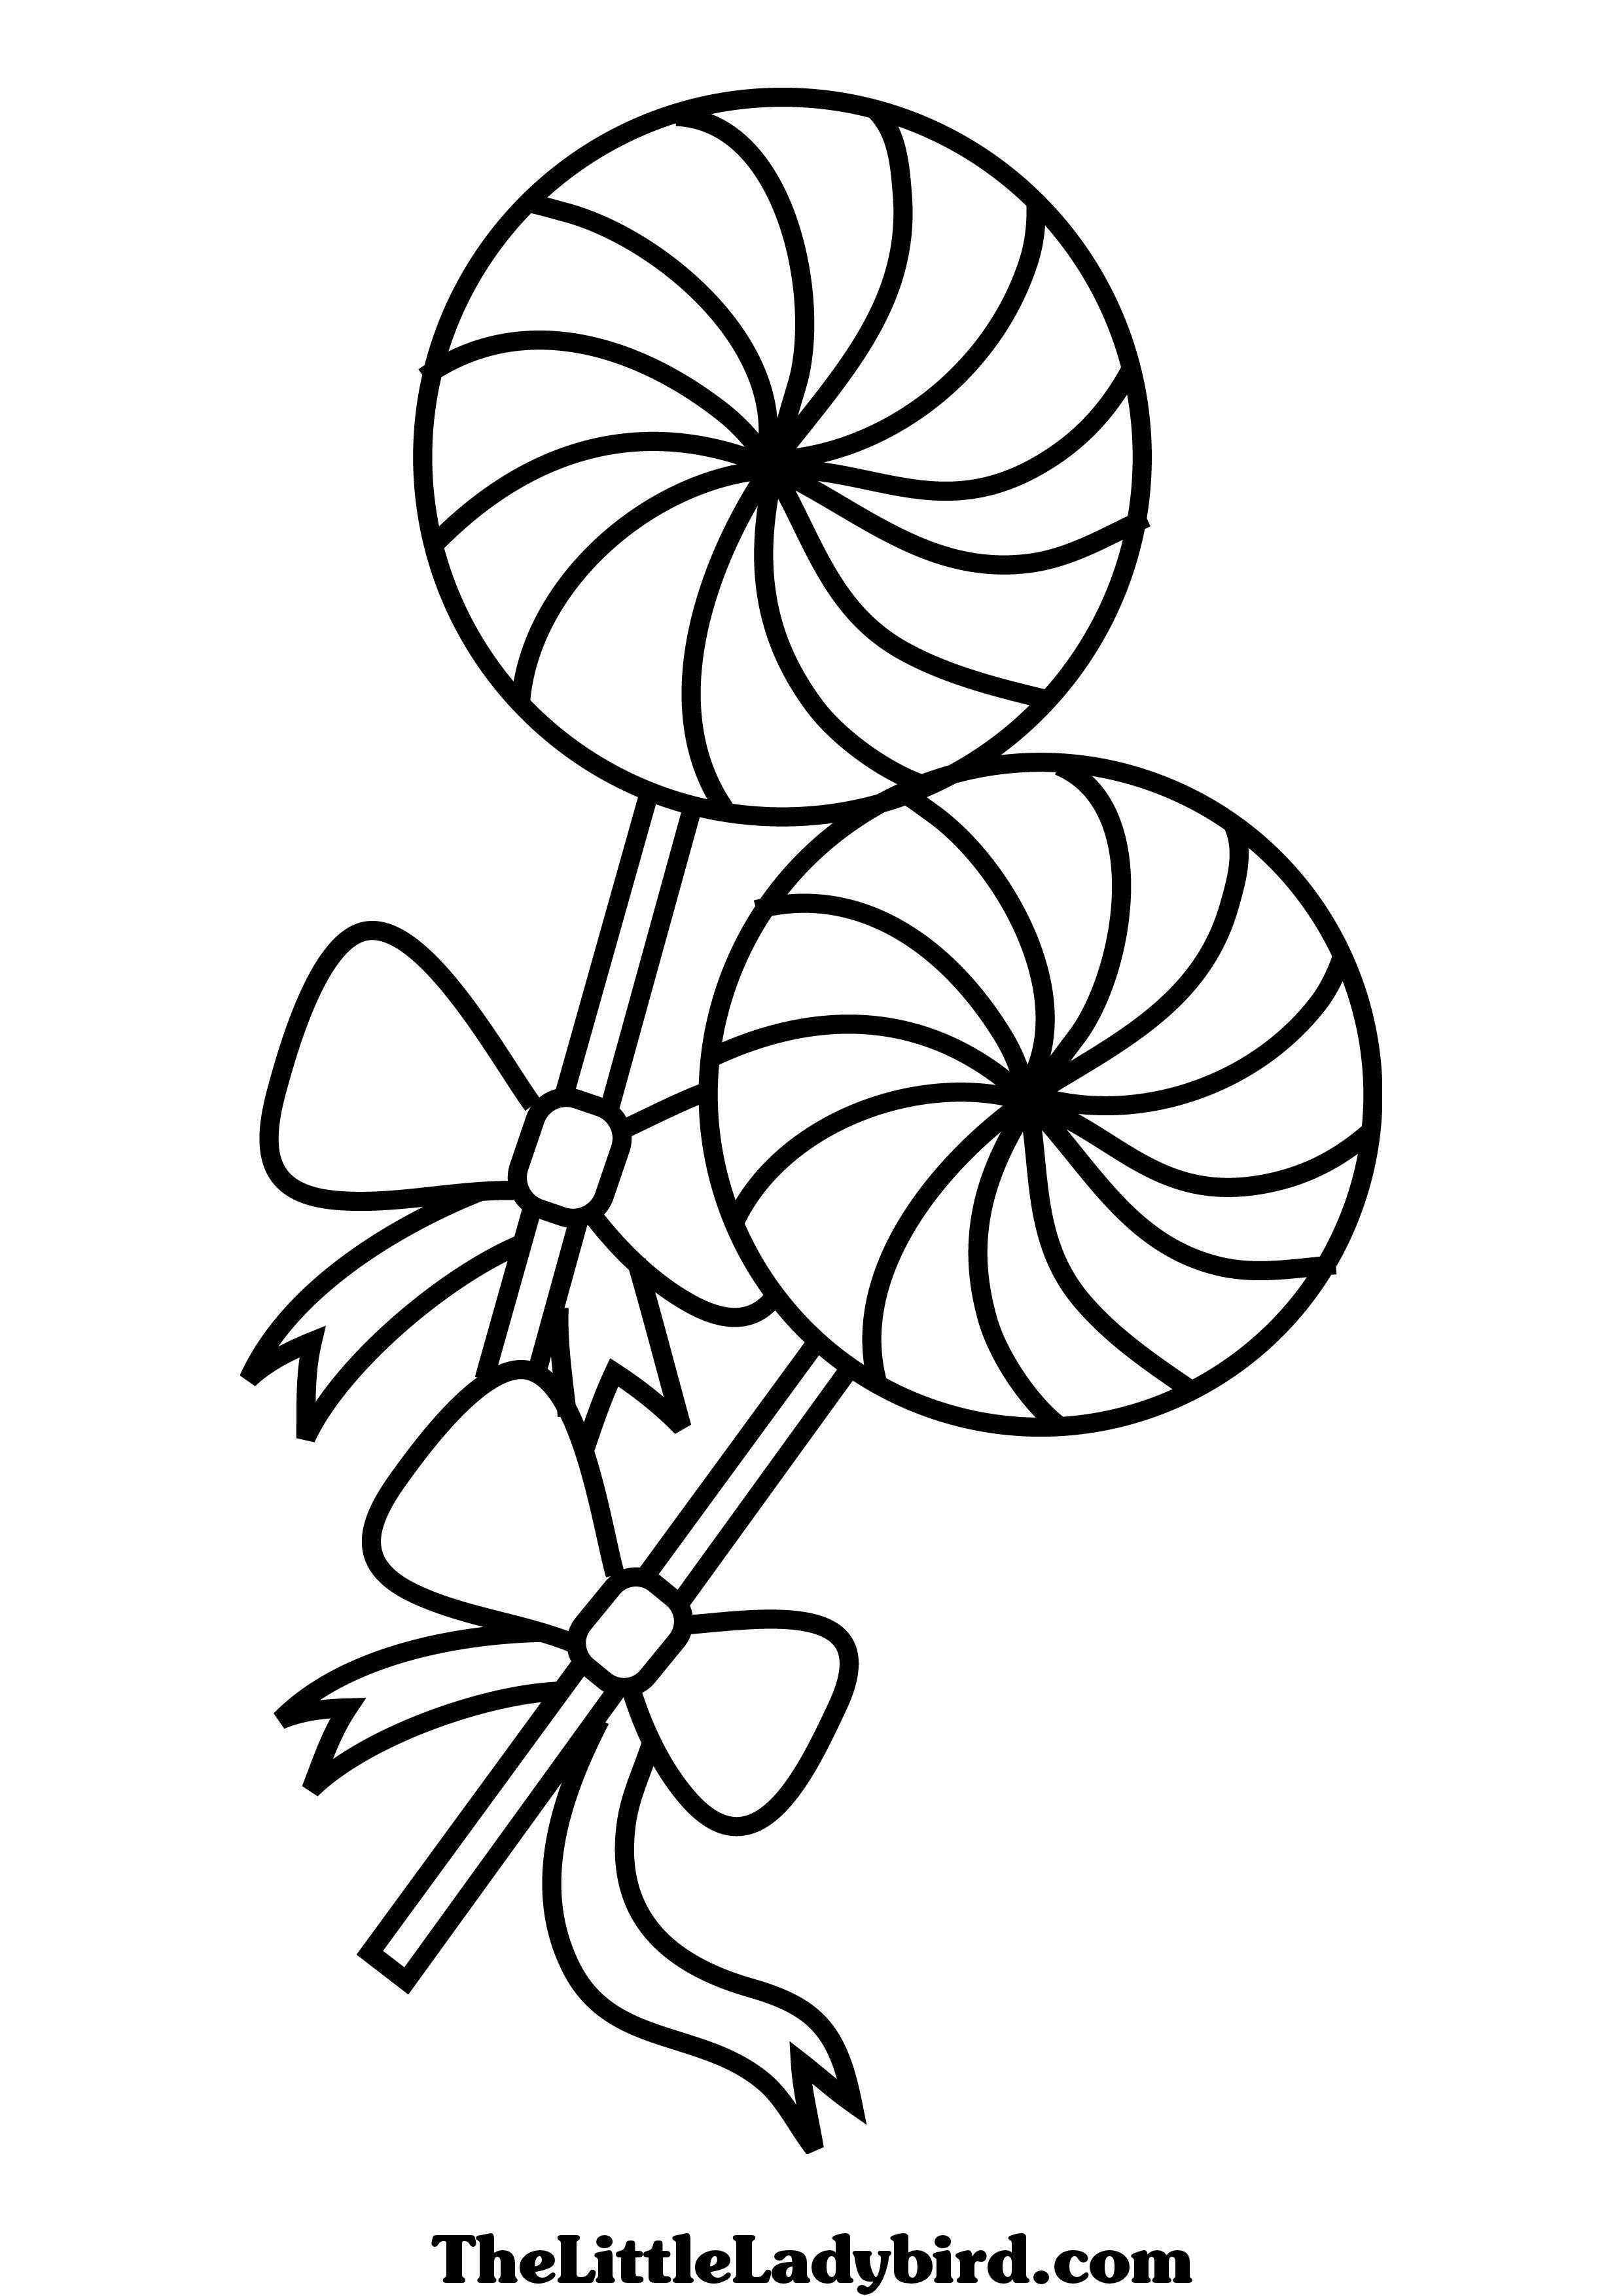 2480x3508 Lollipop Coloring Pages Images Page Az